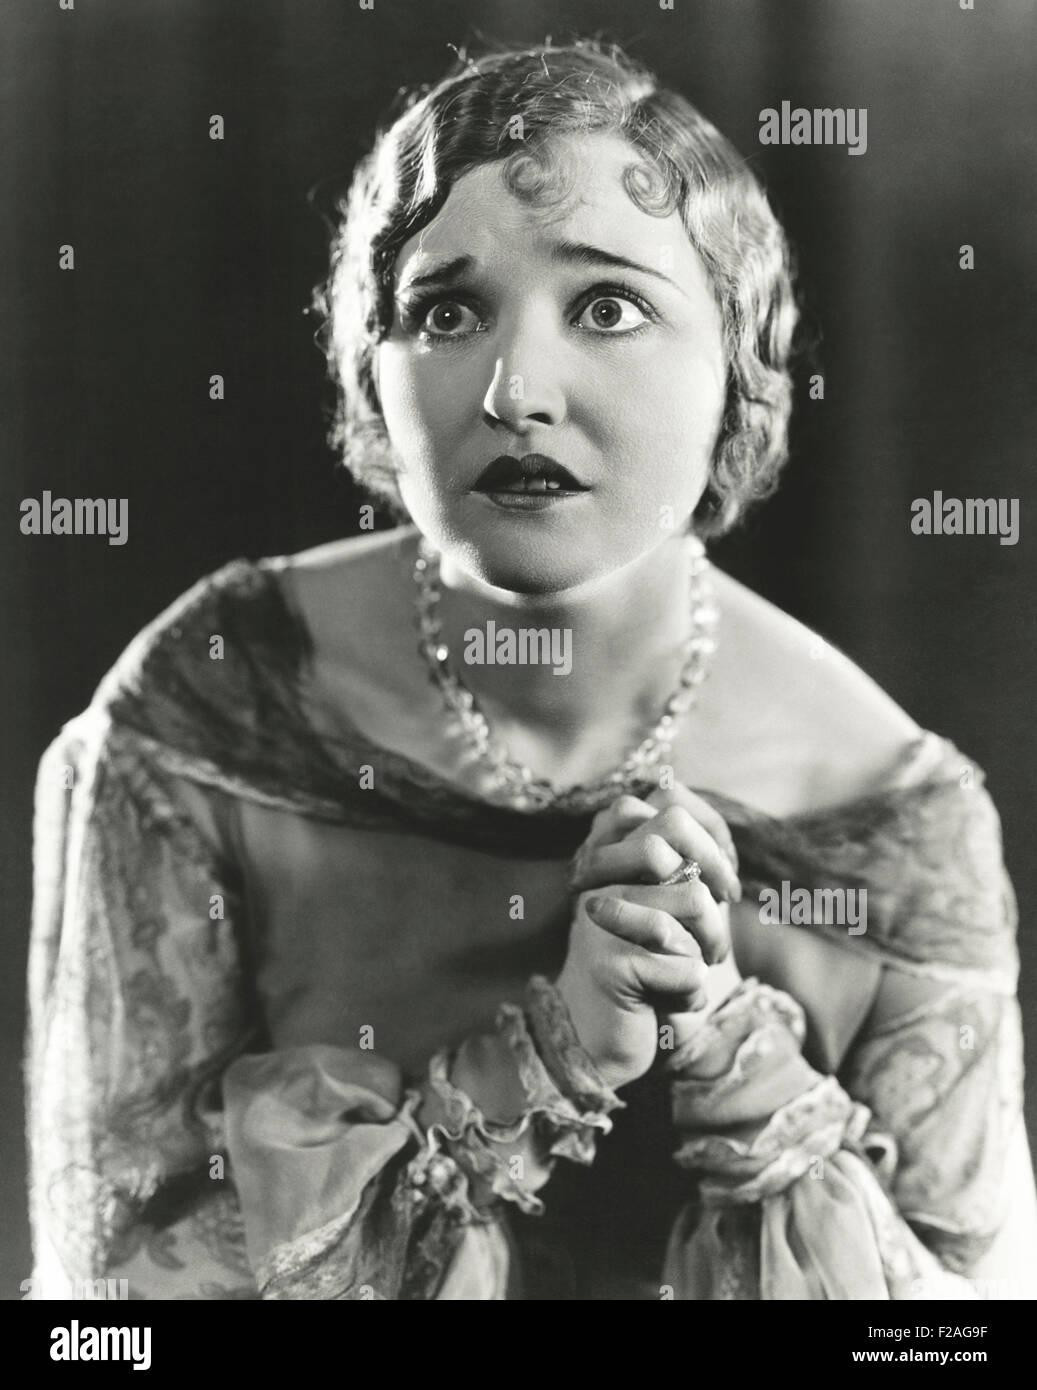 Woman in fear (OLVI008_OU224_F) - Stock Image